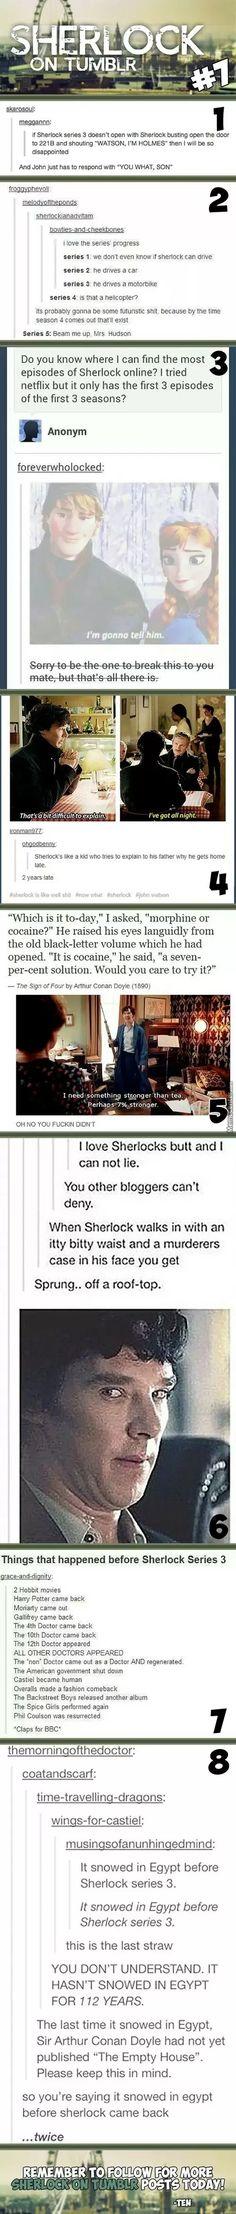 Sherlock On Tumblr #7